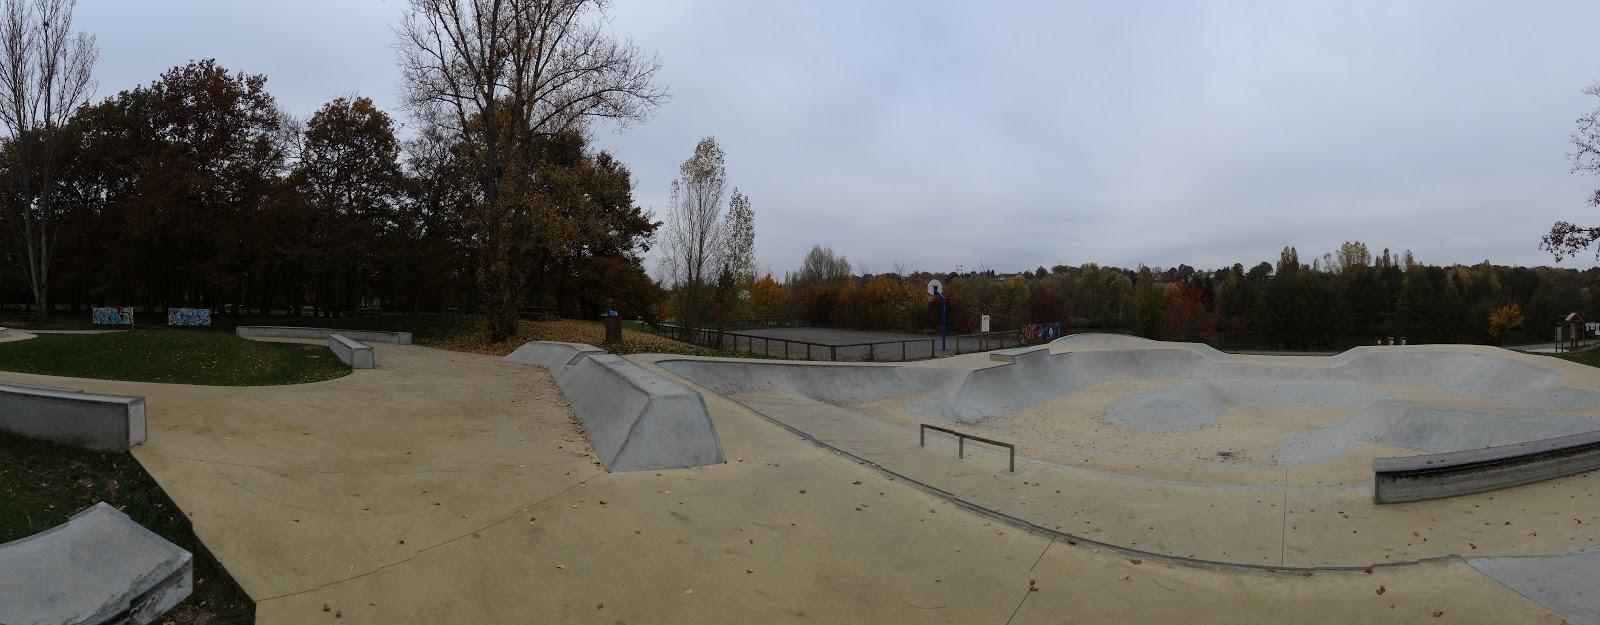 Skate+park+skatepark+Bois+le+Roi+1JPG ~ Skatepark Bois Le Roi